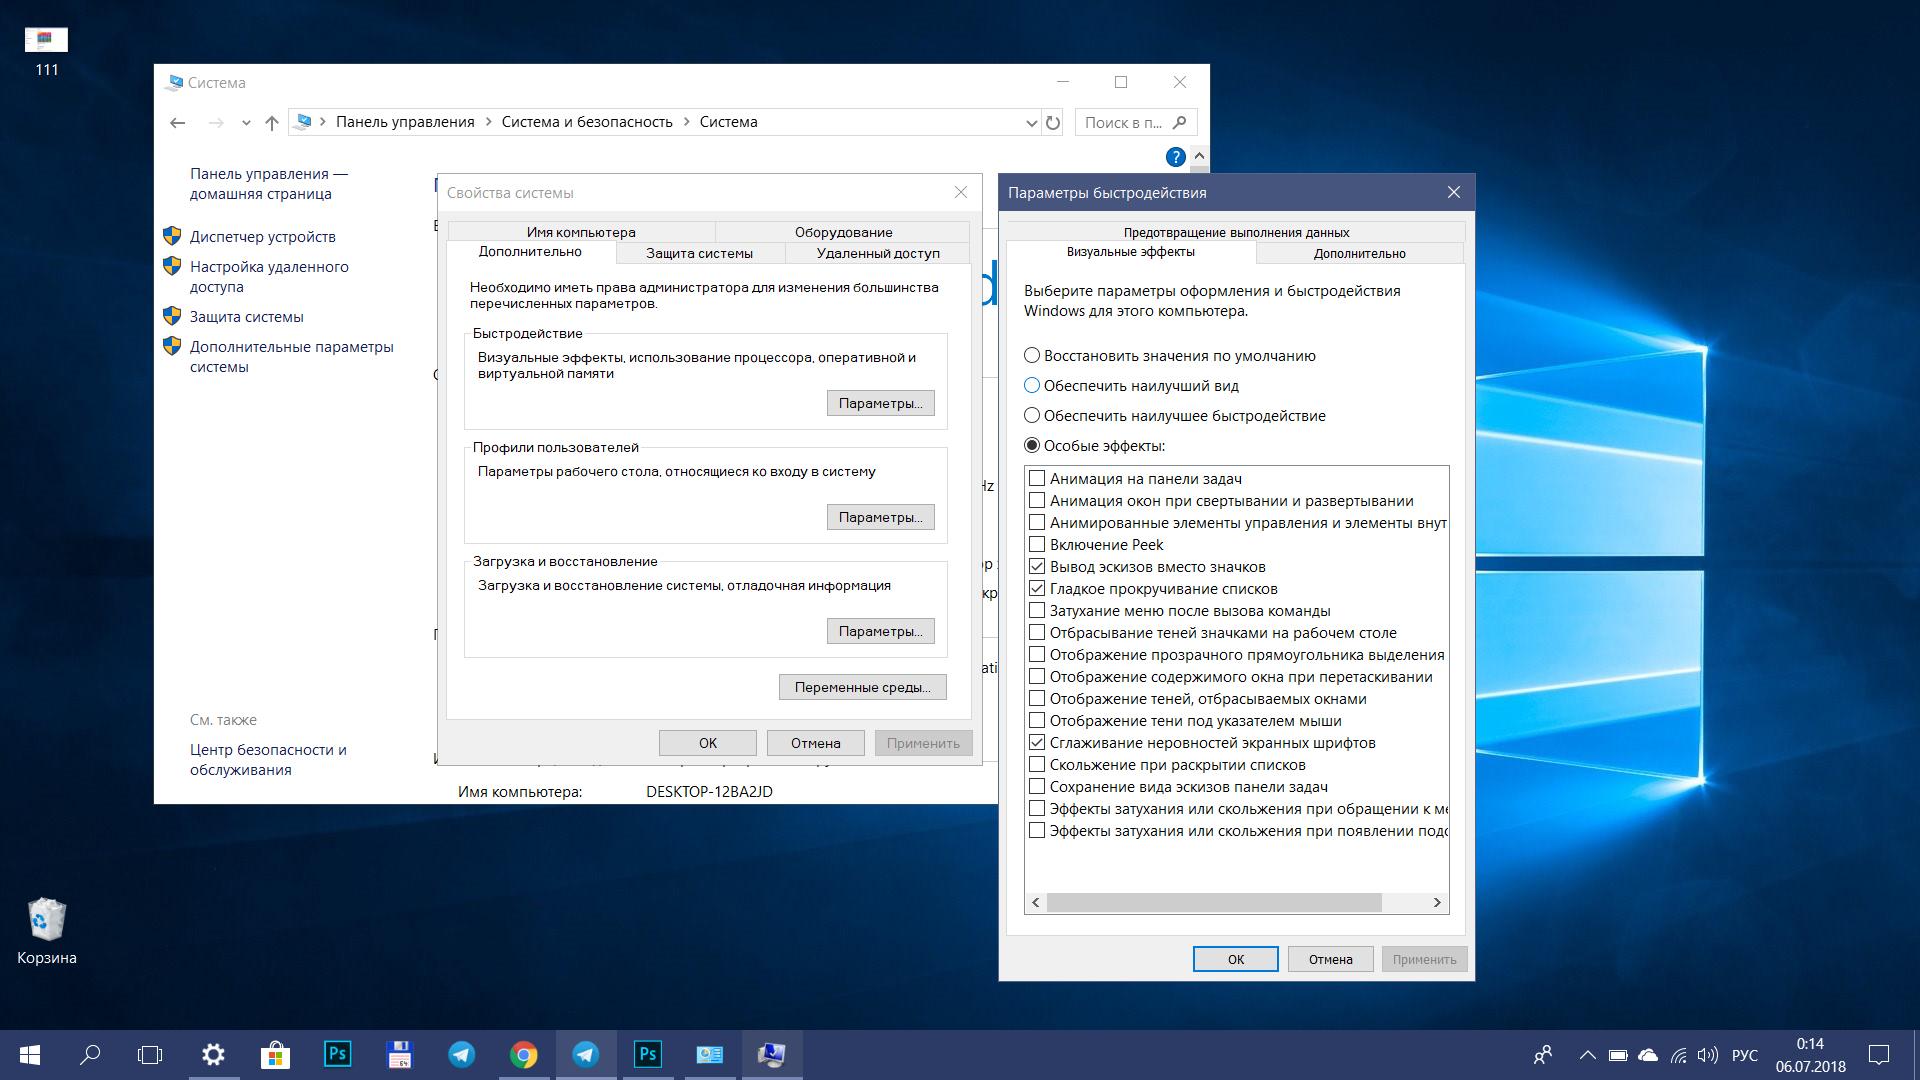 Как сделать компьютер быстрее windows 10 фото 589